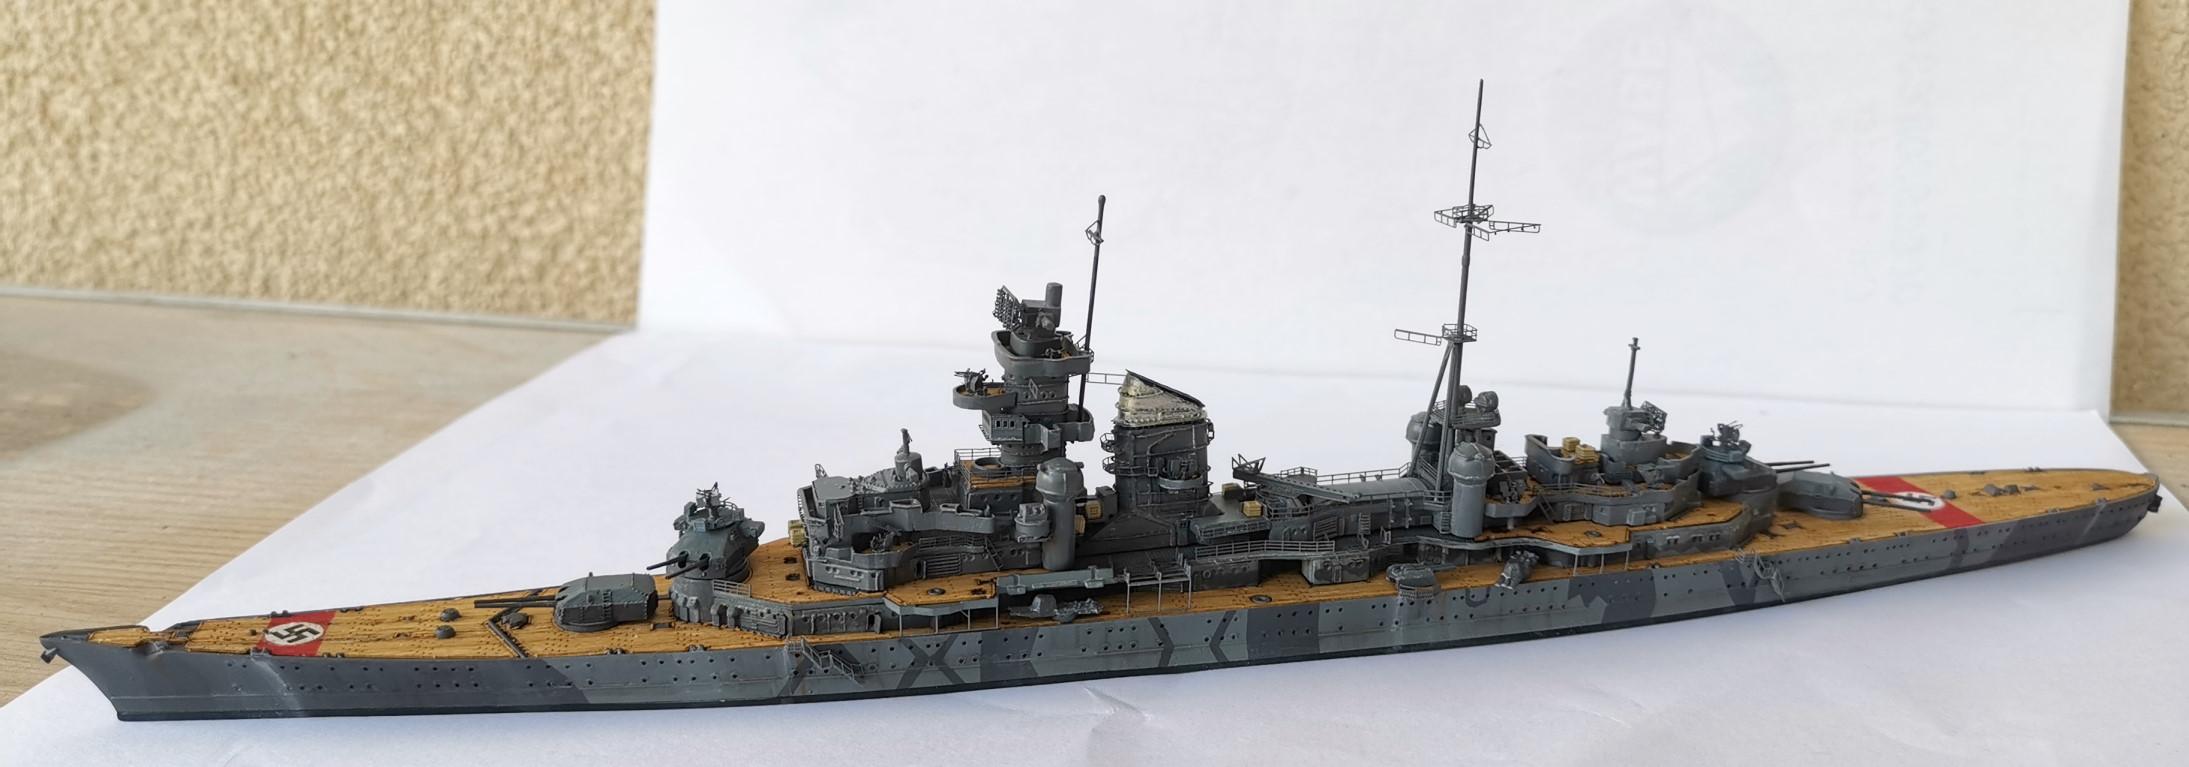 [TERMINE] Croiseur Prinz Eugen Trumpeter 1/700e, PE Flyhawk, pont en bois - Page 6 20200616